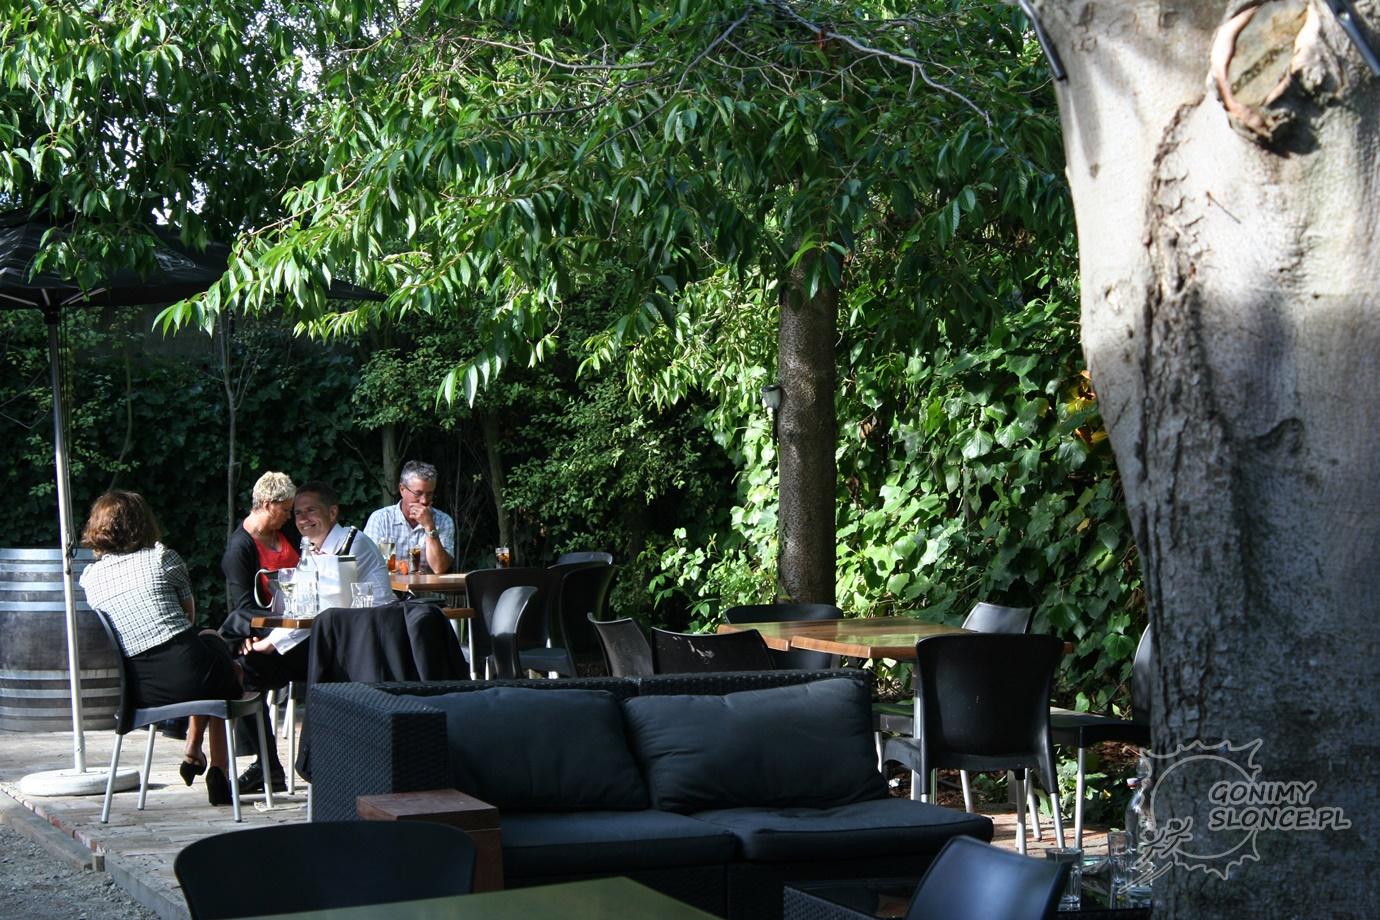 A życie toczy się dalej - ogródek w restauracji